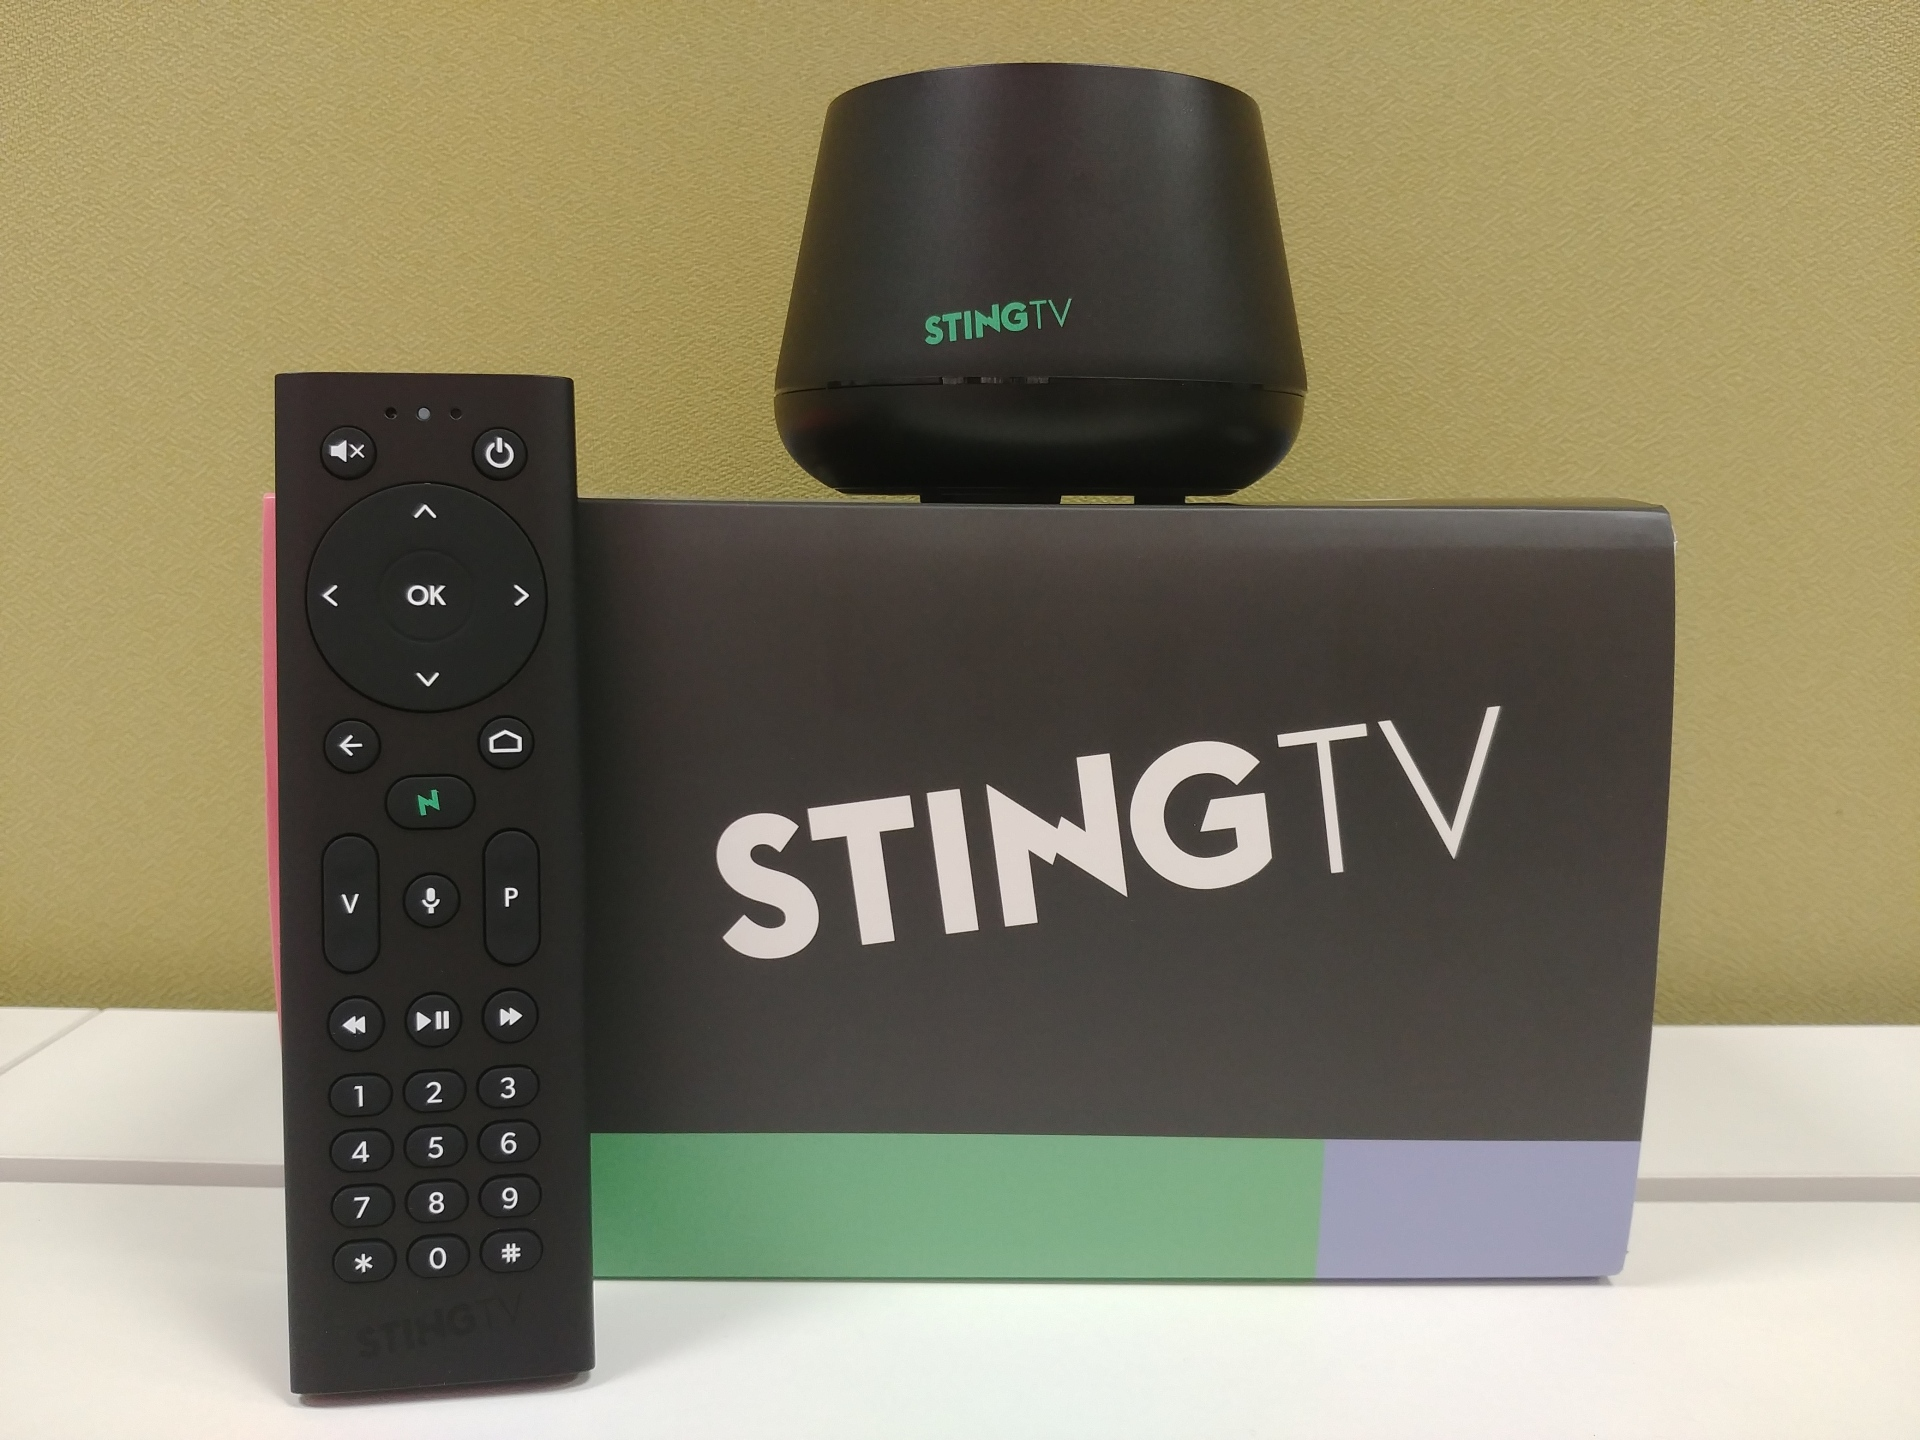 עדכון מעודכן סקירה: חודש וחצי עם סטינג TV, שווה לפרק ת'טלוויזיה? – The Gadget FT-66